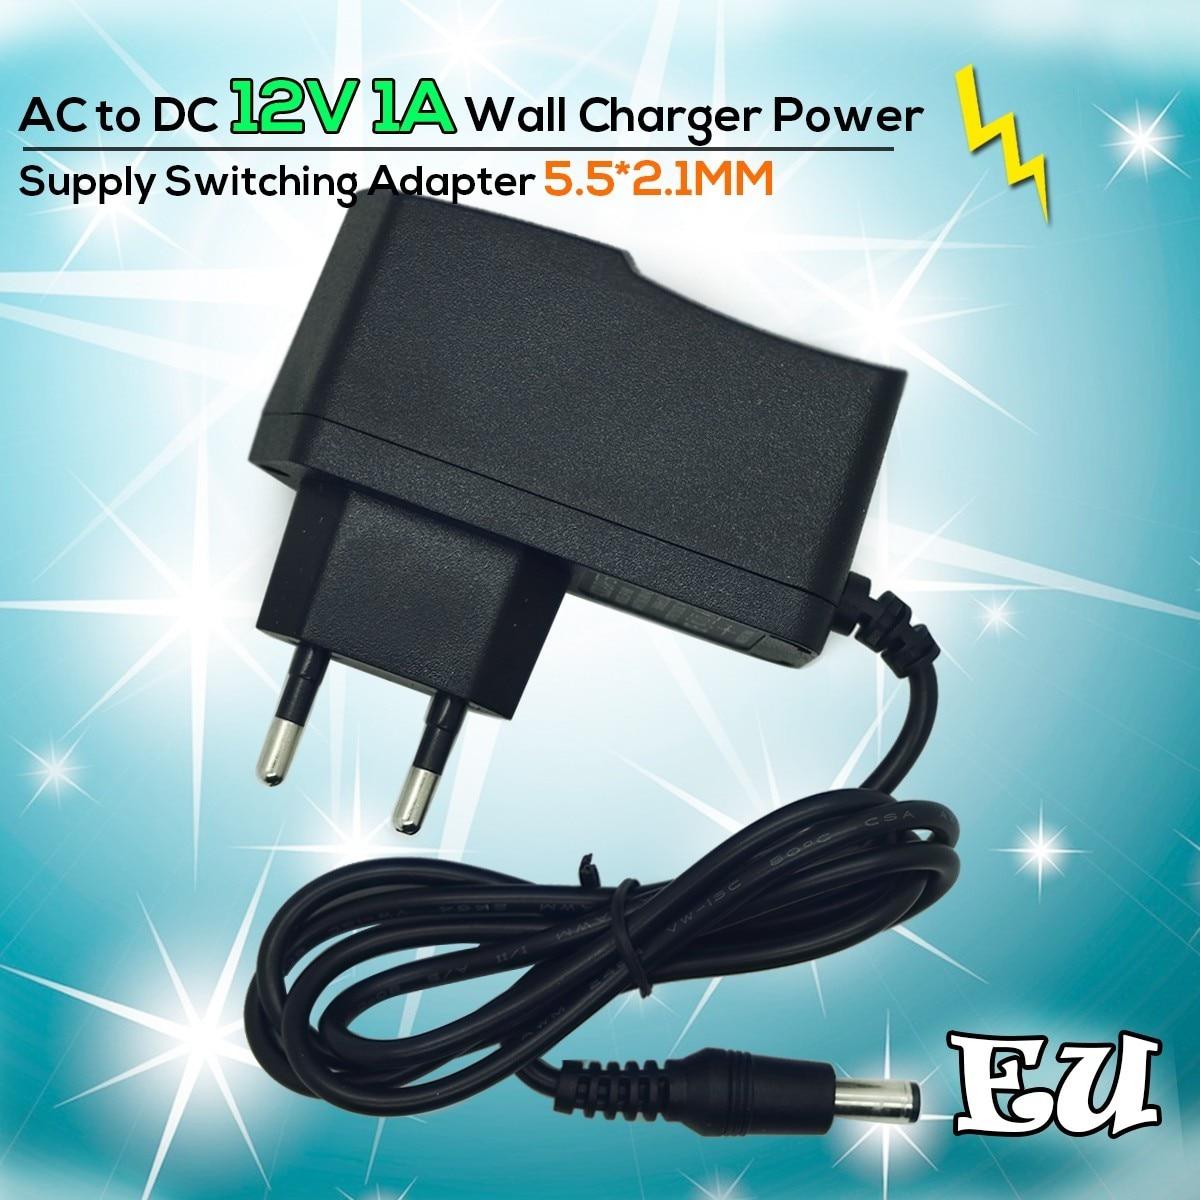 AC DC Зарядное Устройство Адаптер Конвертер Переключения ЕС Plug Power Supply 12 В 1A 100 В-240 В 5.5 мм * 2.1 мм Для камер Видеонаблюдения